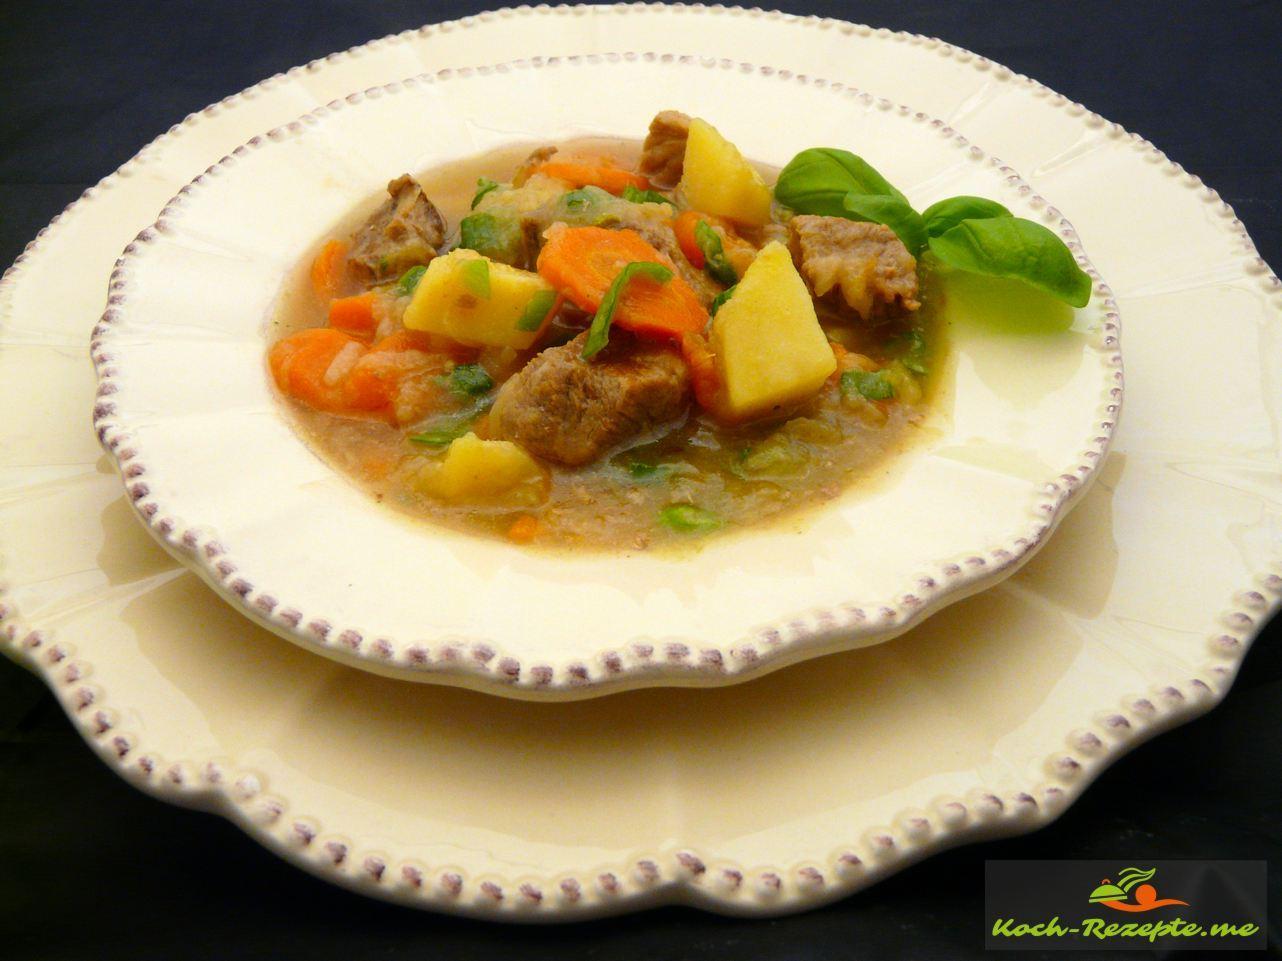 Schneller Gemüseeintopf mit Schweinefleisch, Sauerkraut, Möhren und Kartoffeln.